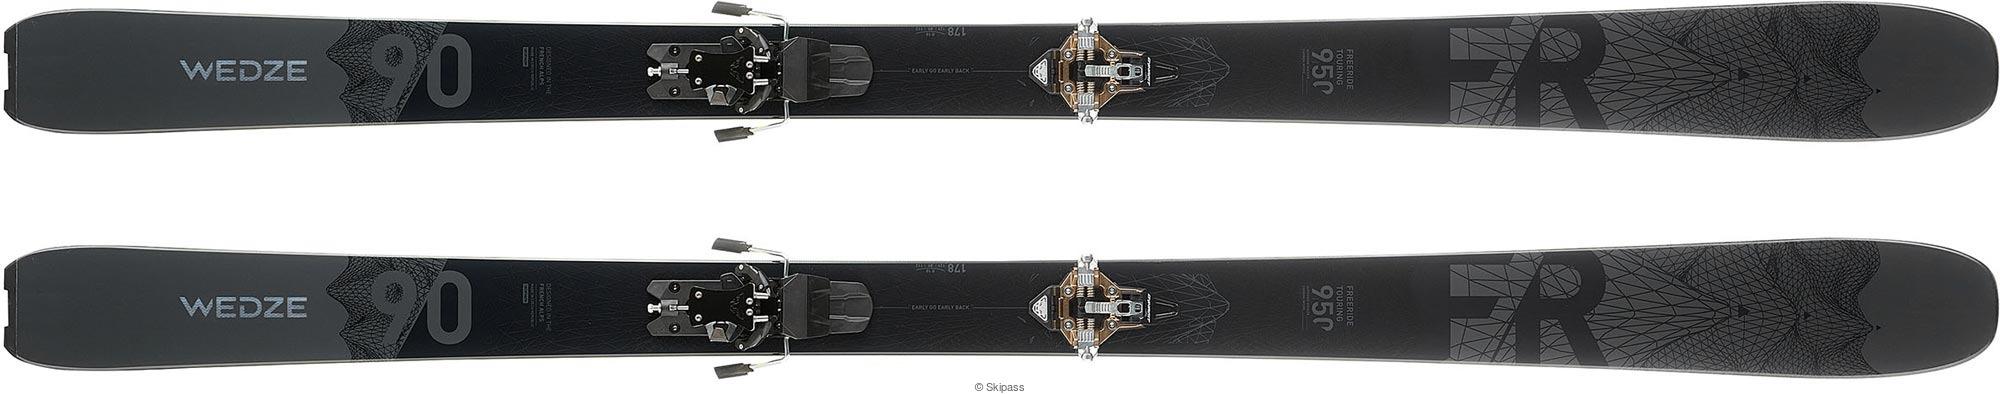 Wedze Fr 950